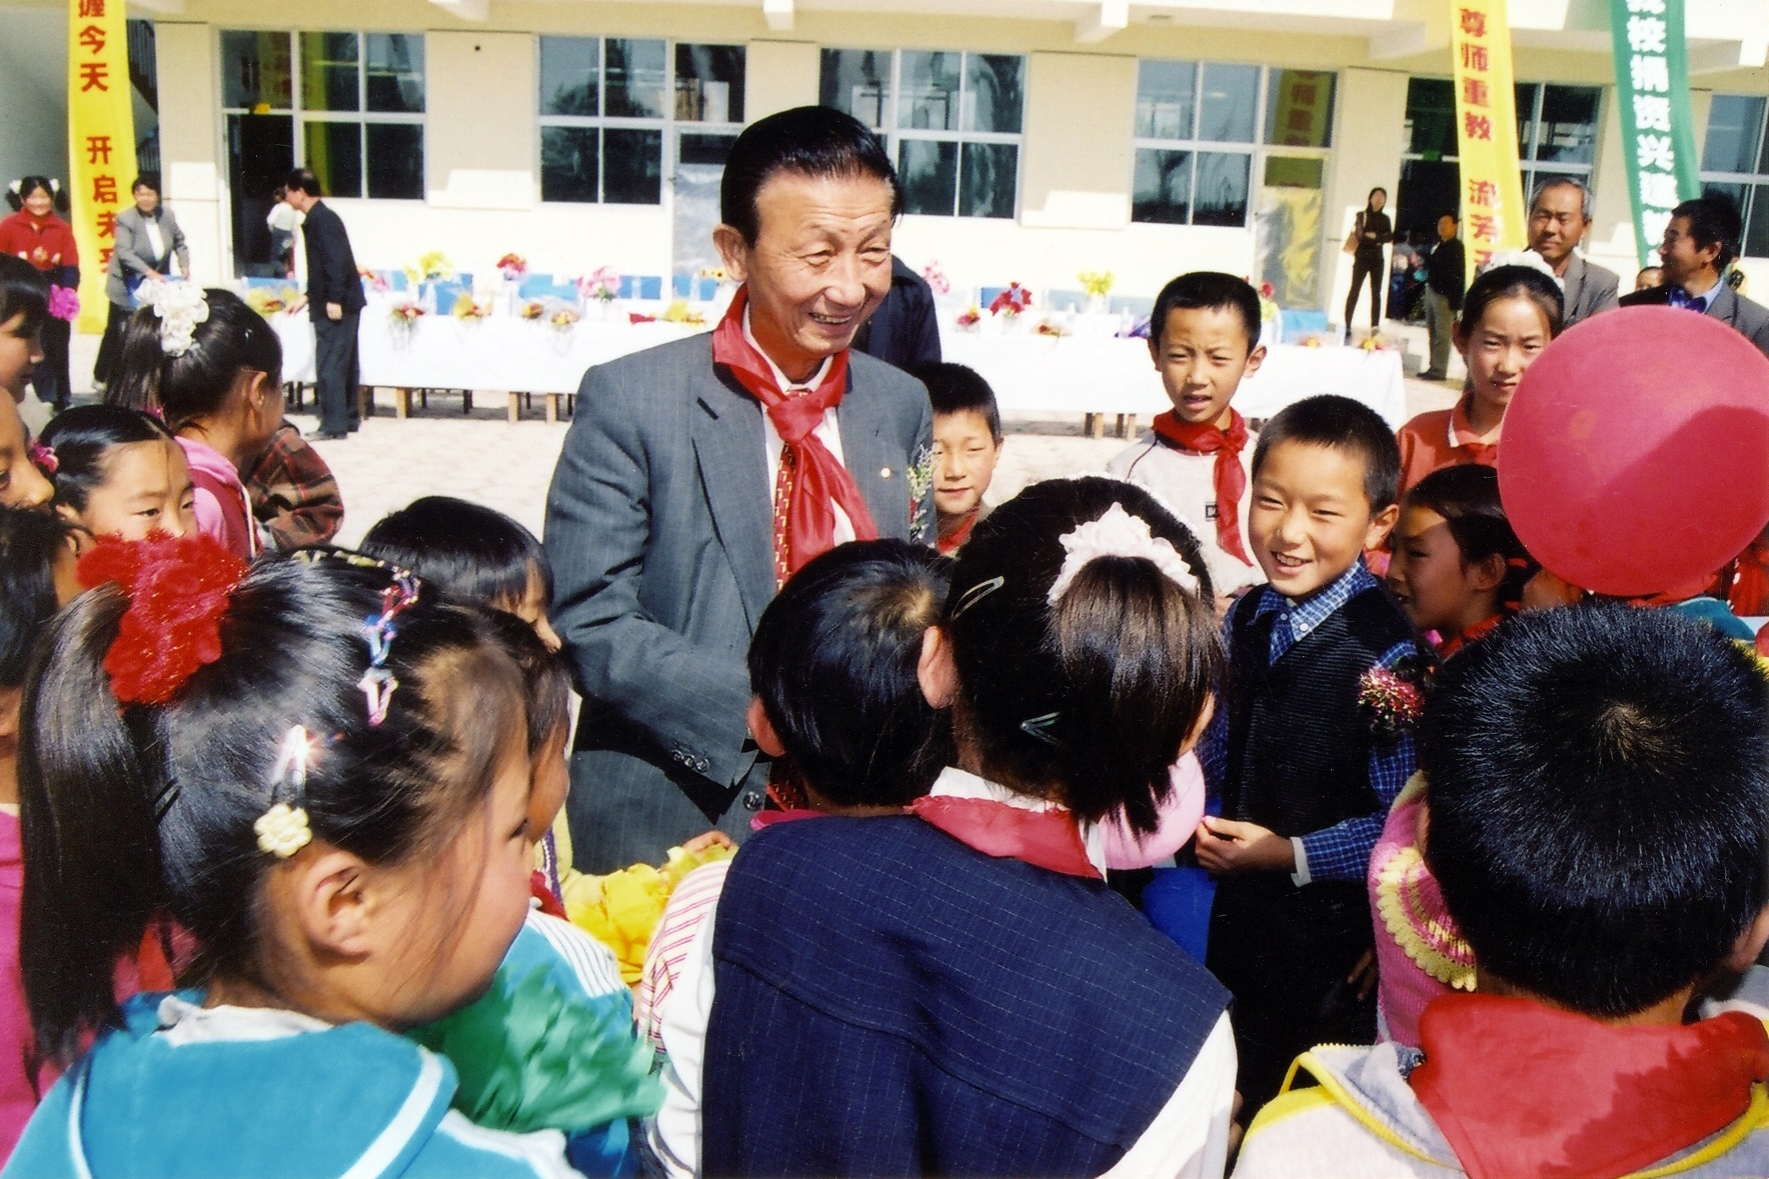 基金會主席王錦輝先生